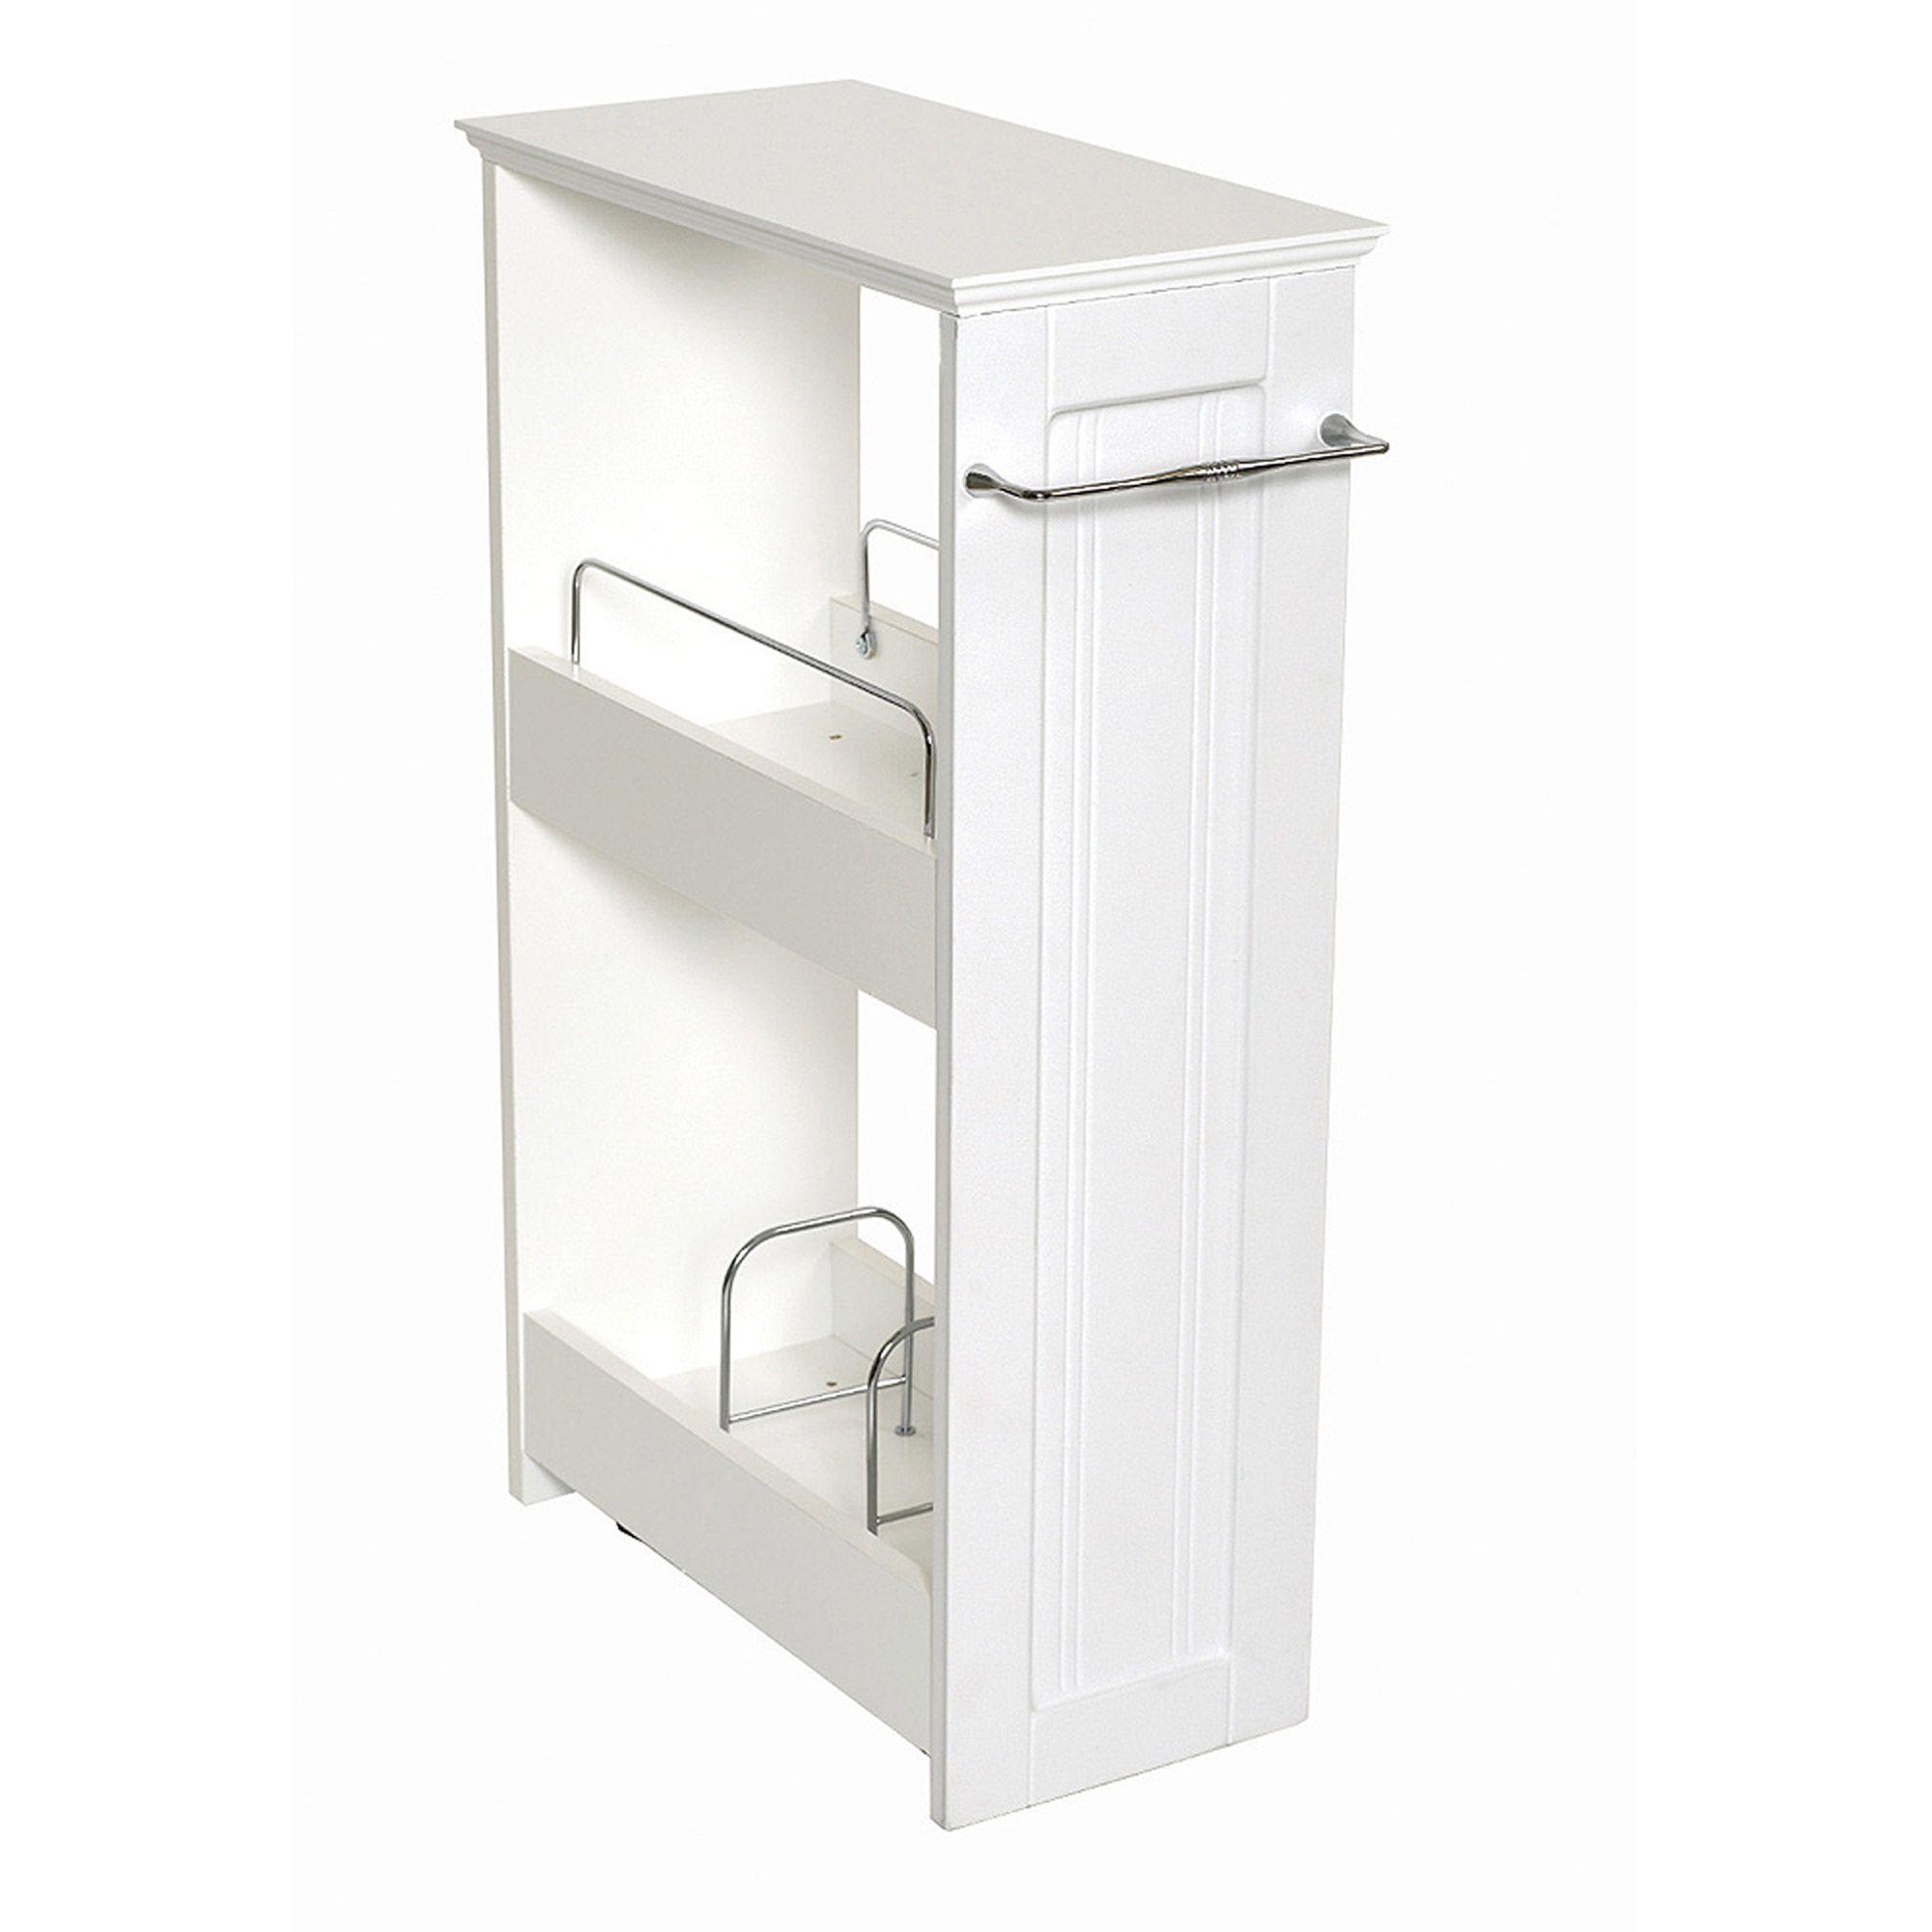 Slim Storage Cabinet Kitchen Wood Storage Shelves Small Bathroom Storage Bathroom Storage Organization